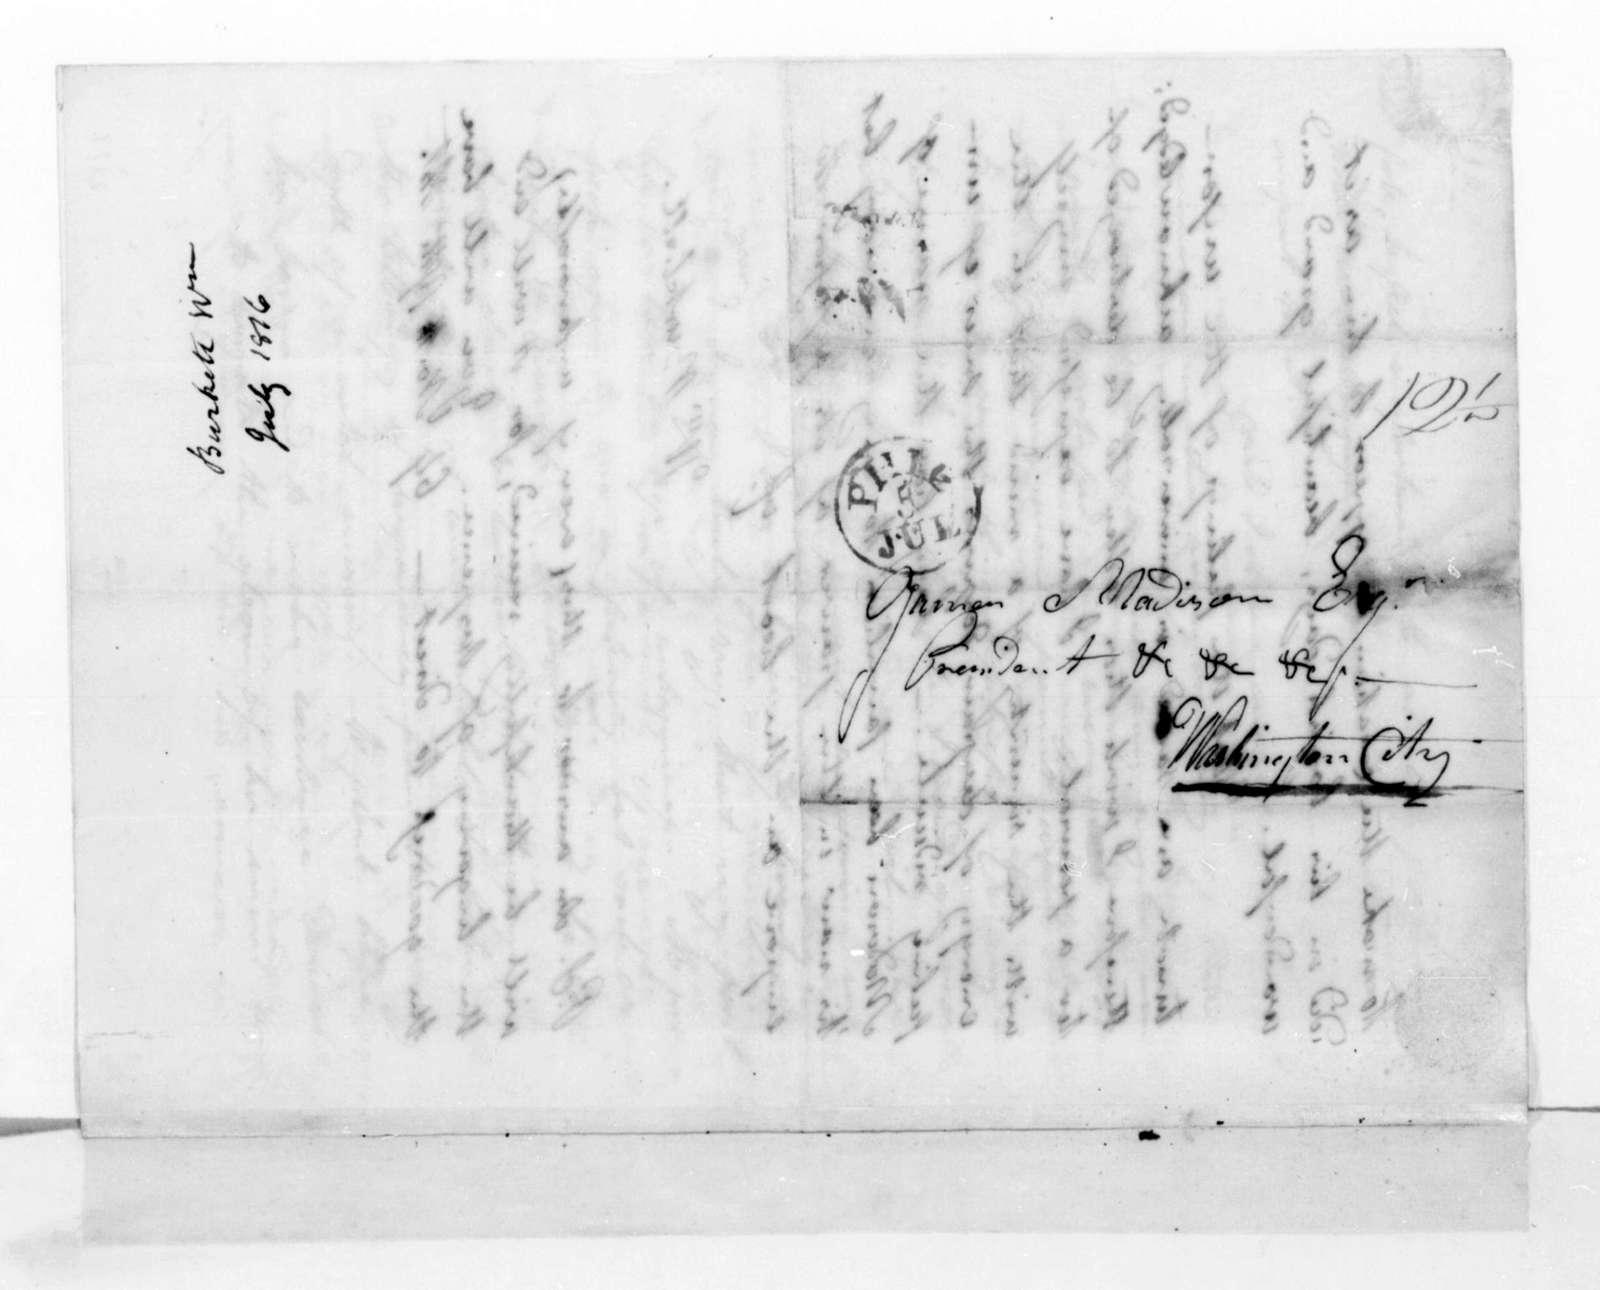 William Burtchett to James Madison, July 5, 1816.